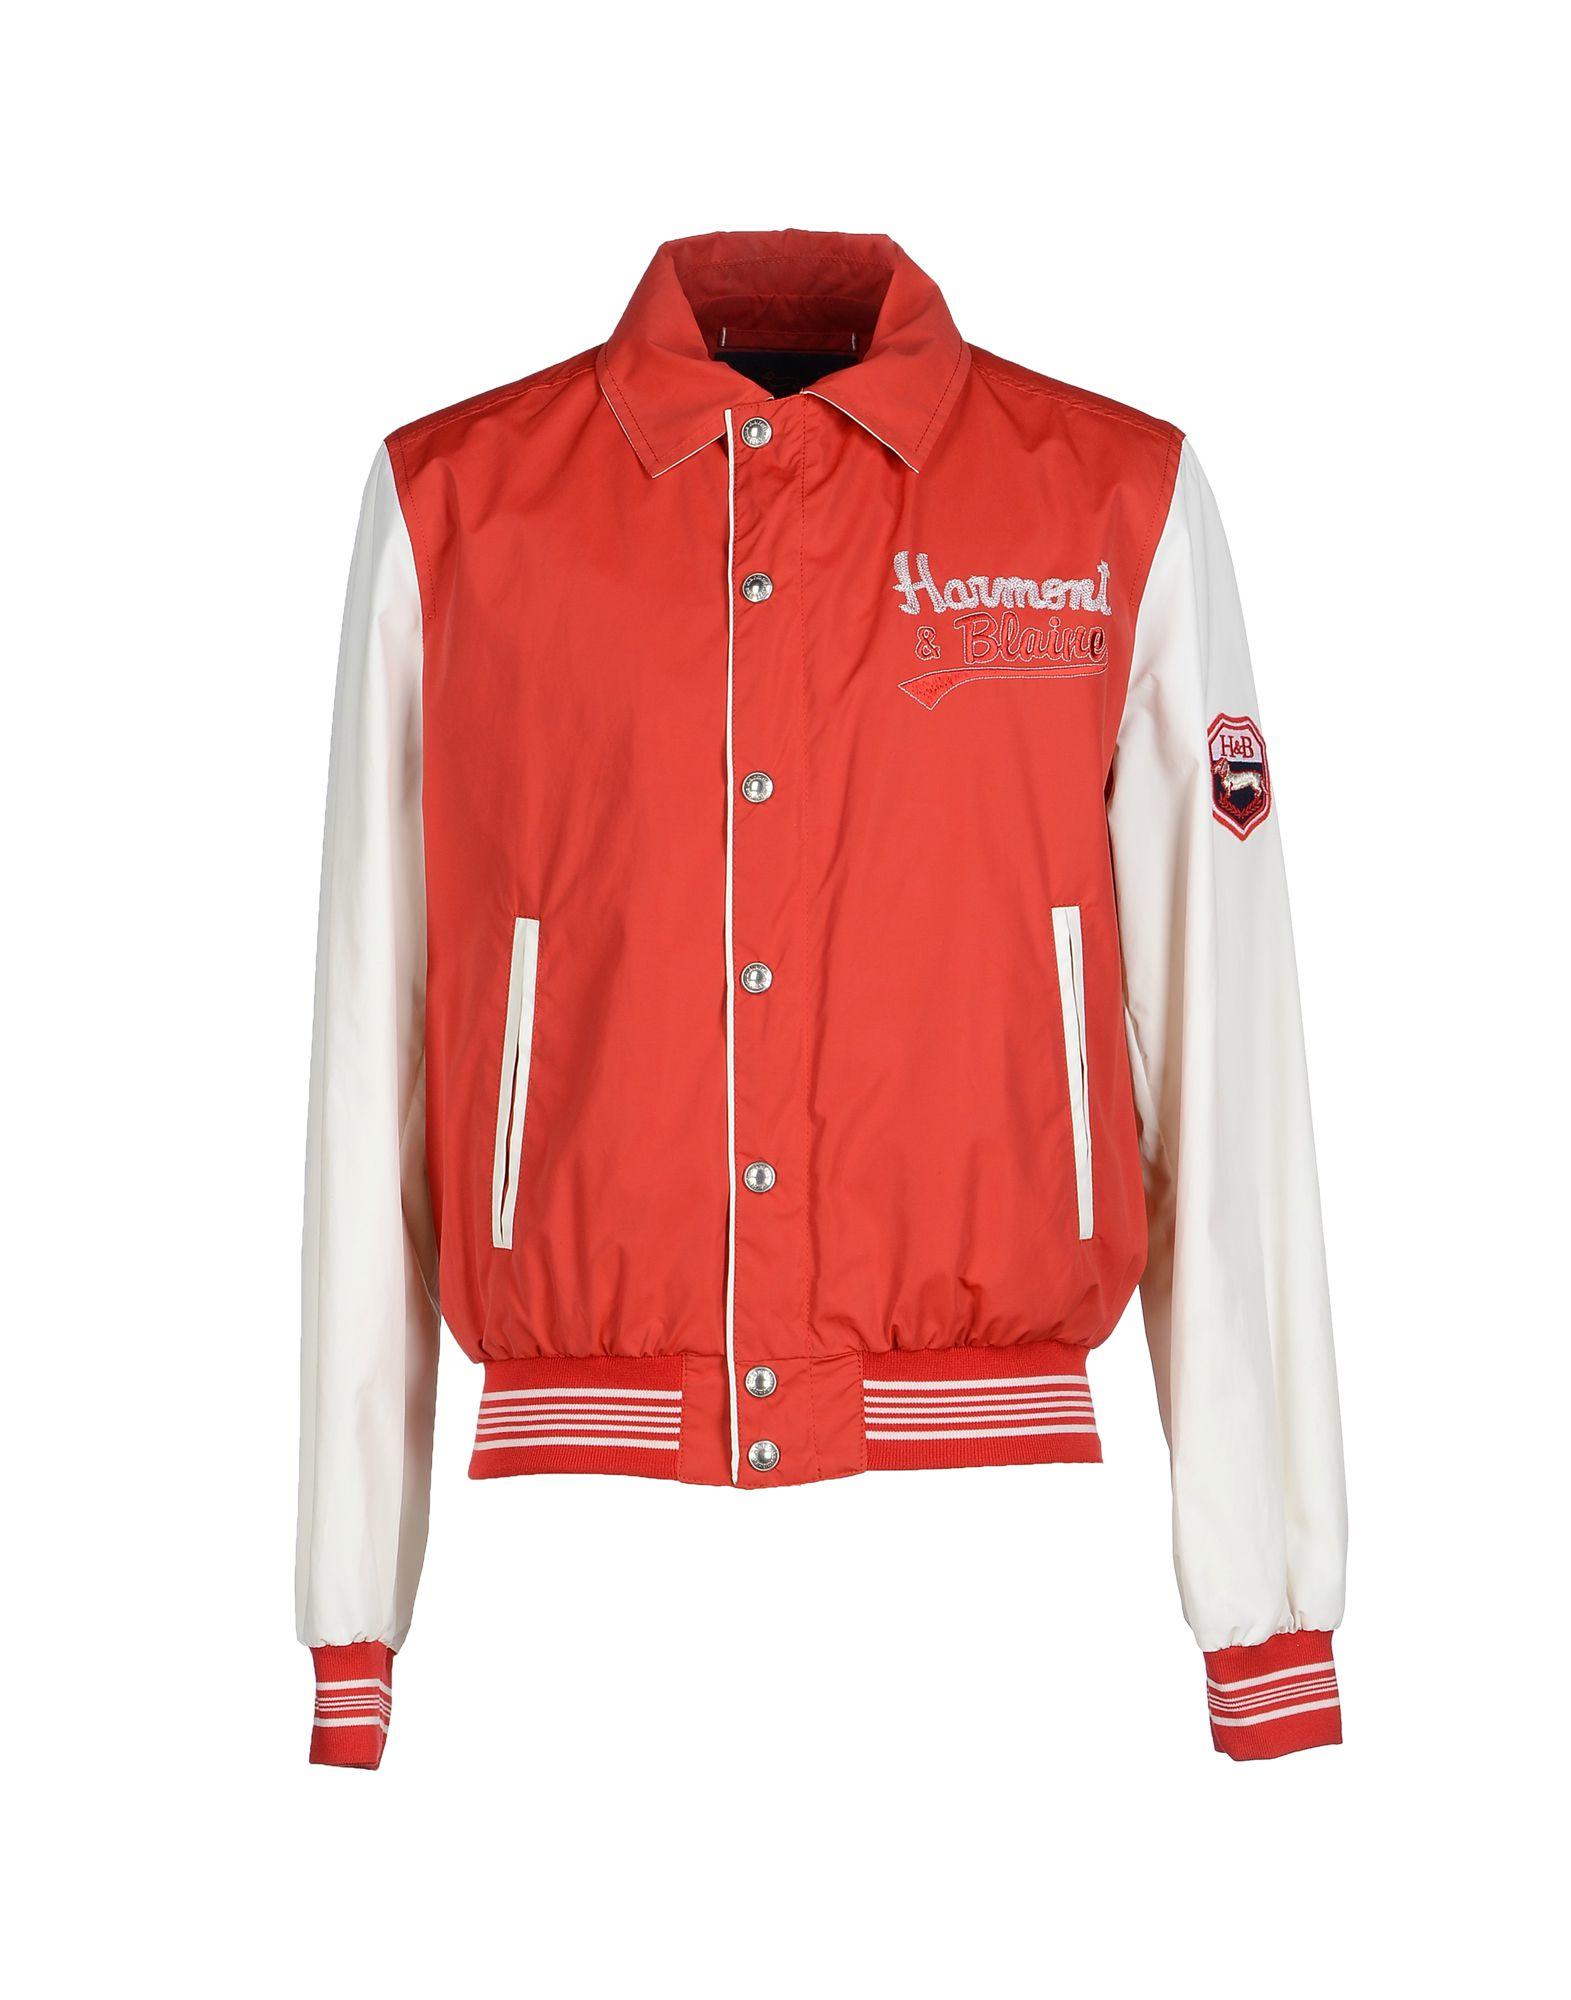 harmont and blaine jacket - photo #2